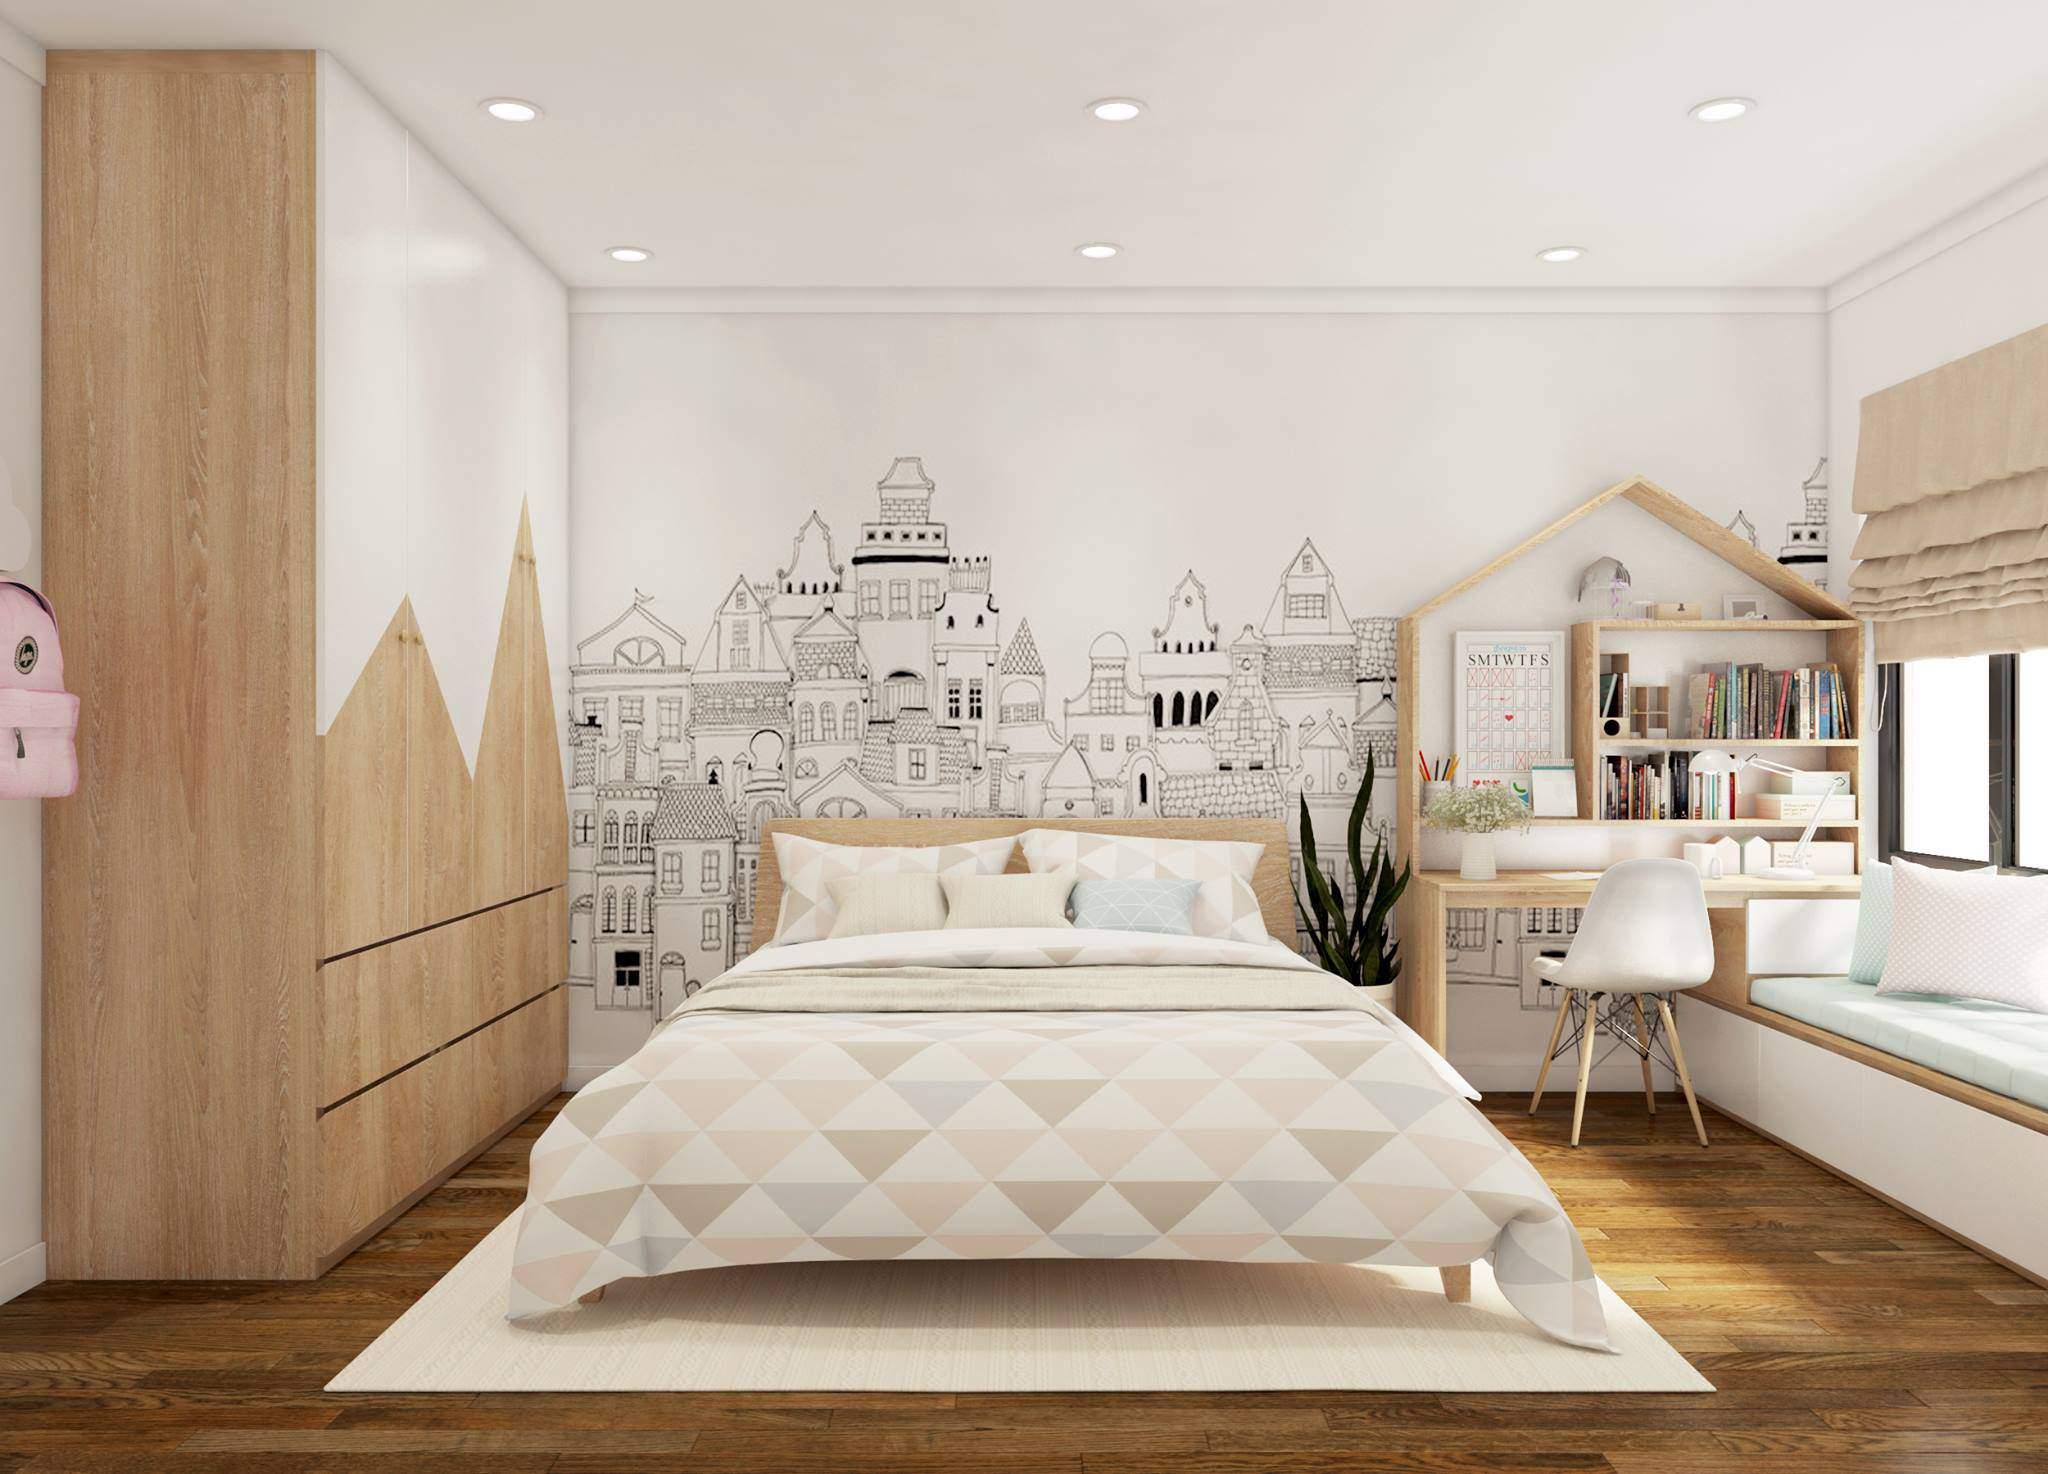 Thiết kế phòng ngủ nhỏ với màu sắc hài hòa